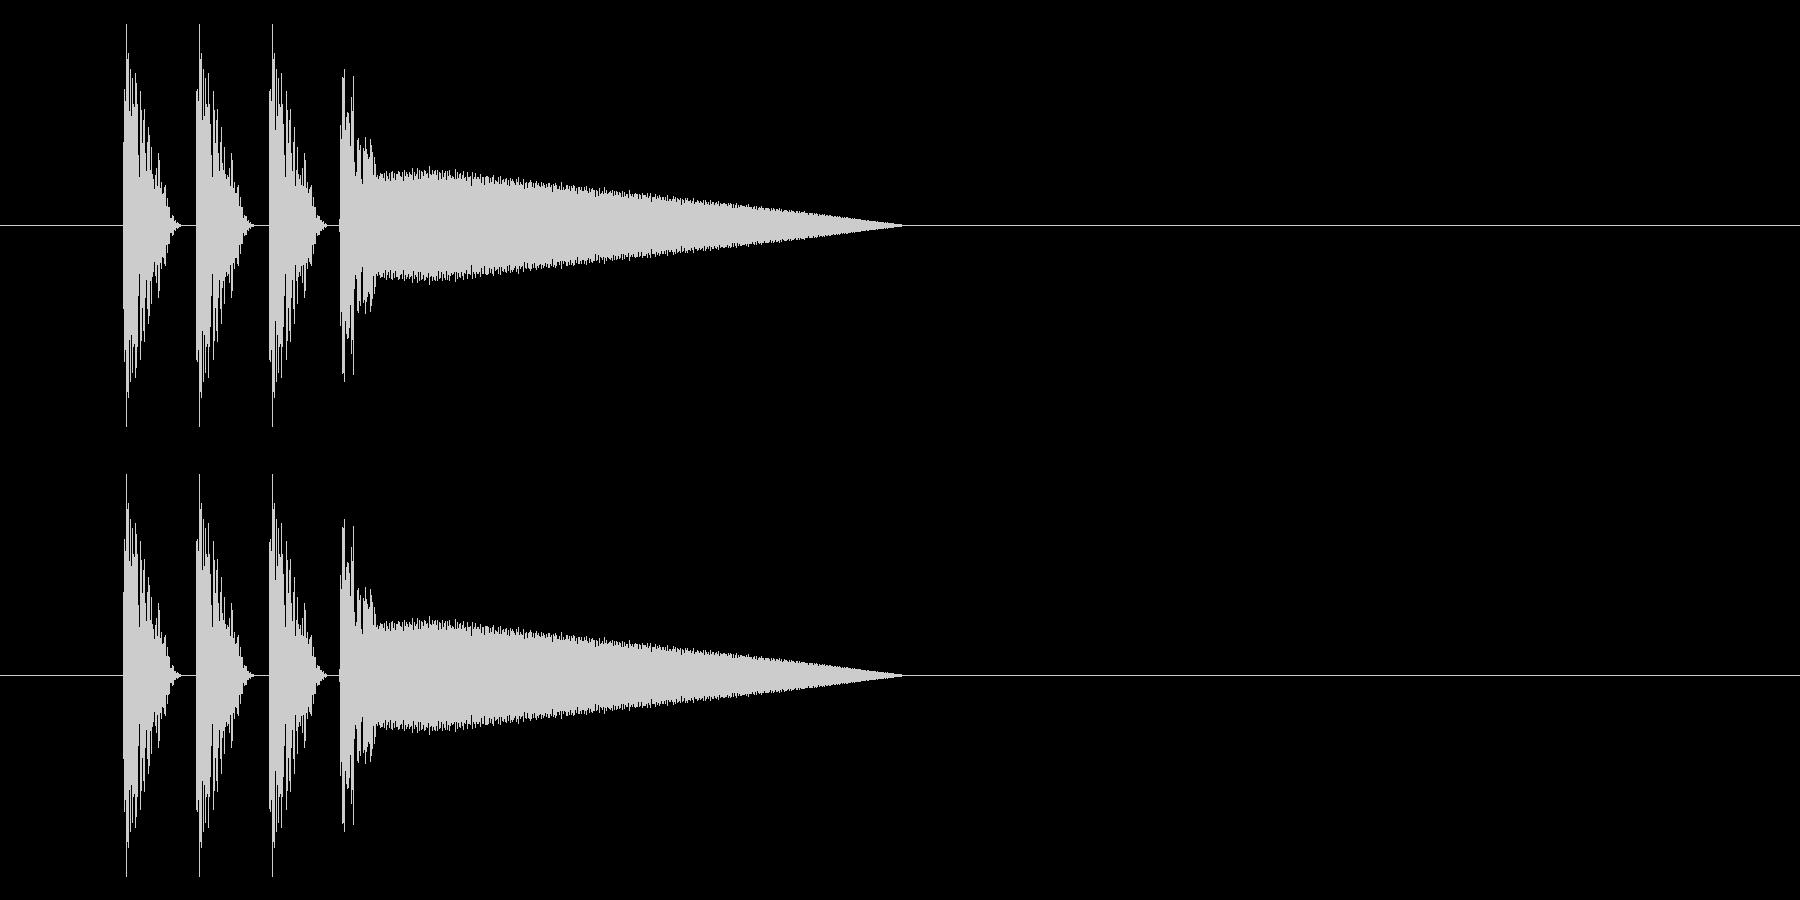 SNES-RPG03-6(購入)の未再生の波形